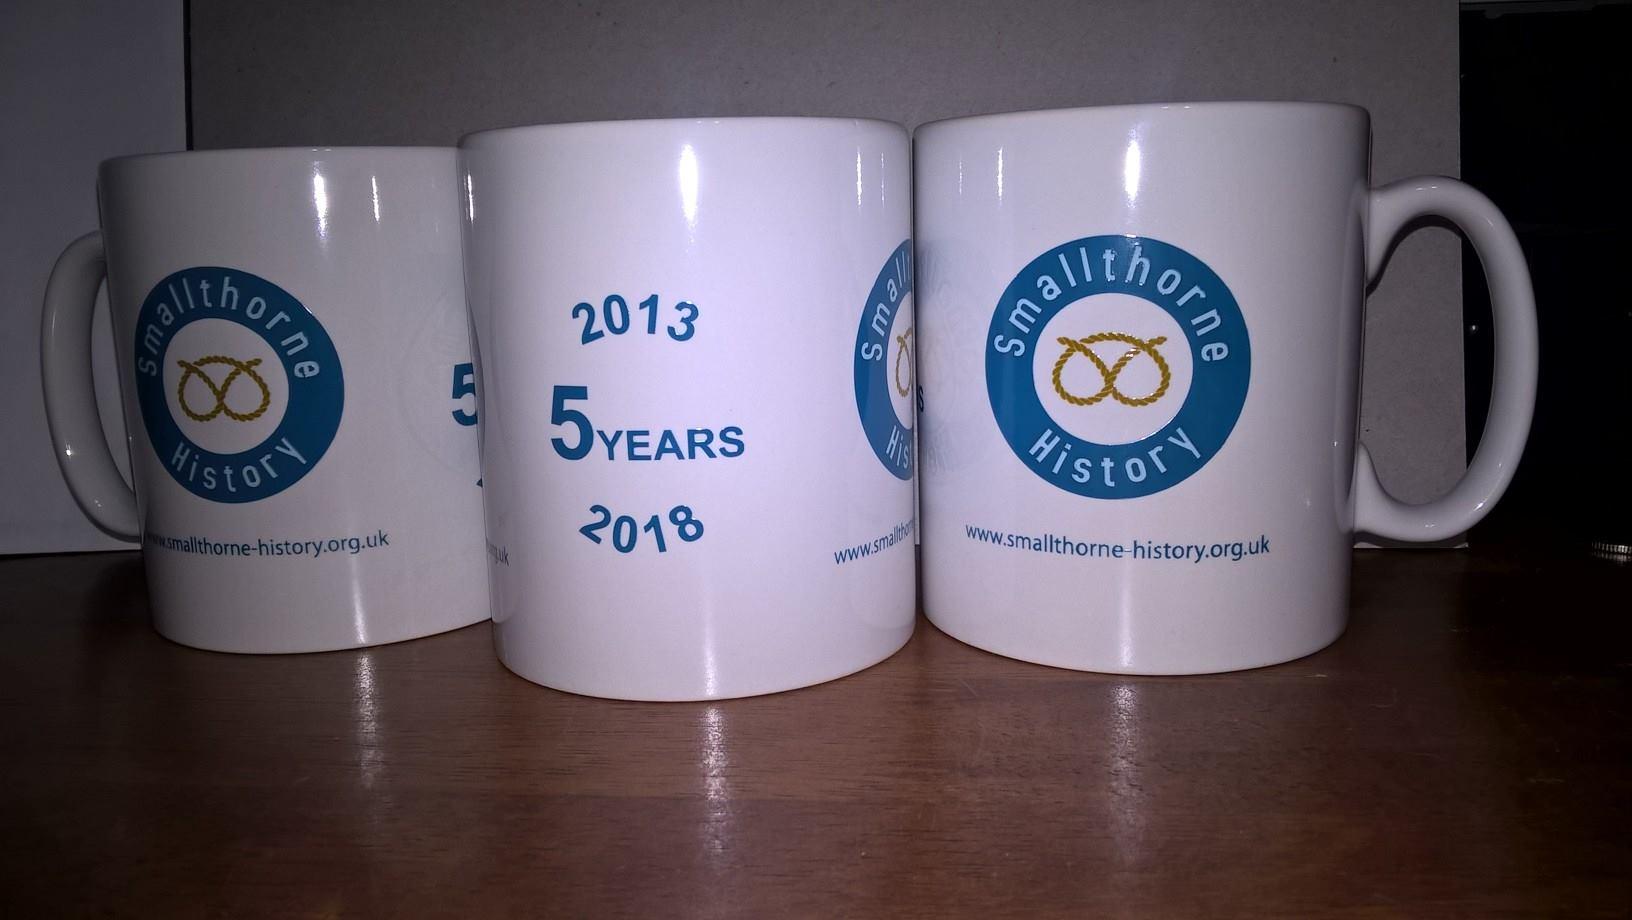 5 Year Anniversary Mugs